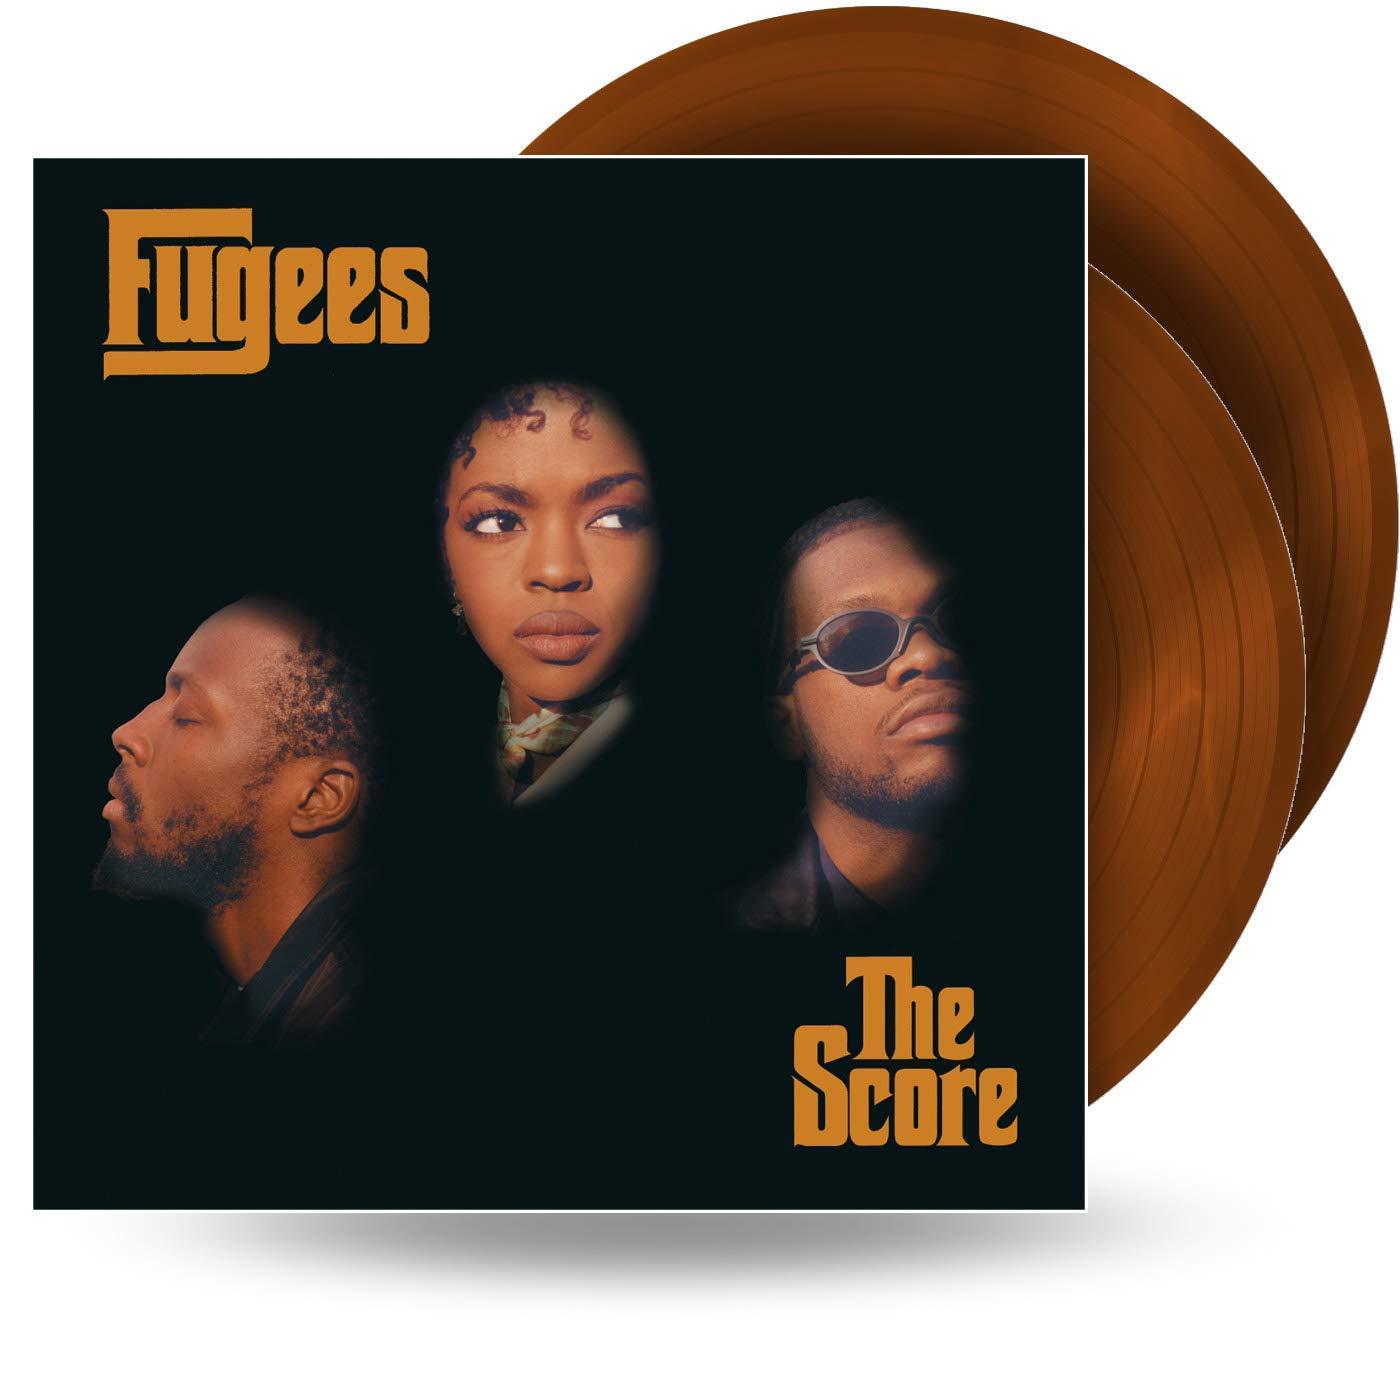 The Score (Vinyl Color)